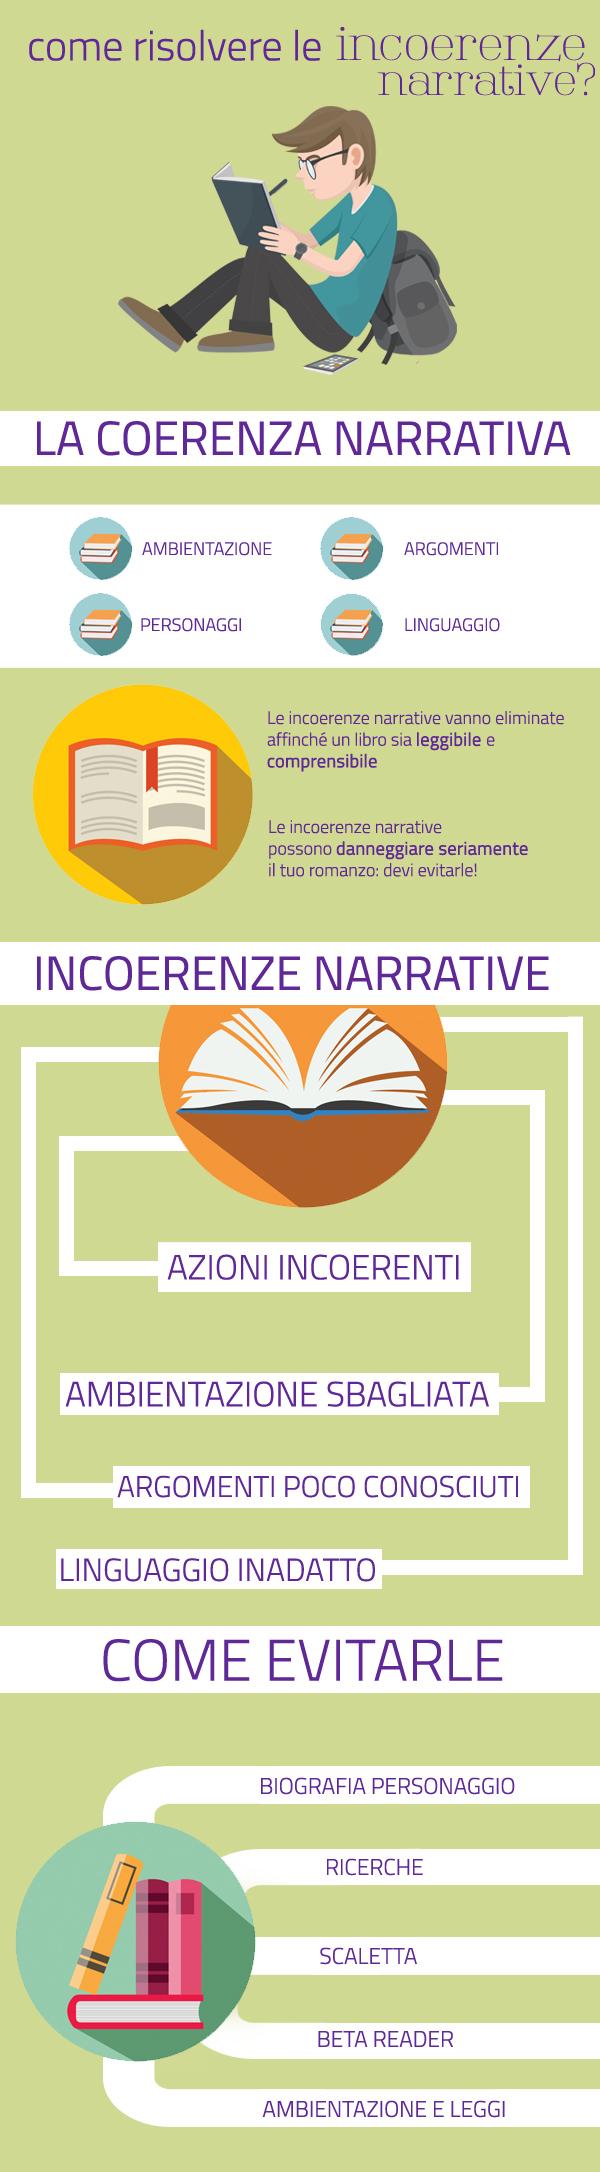 coerenza narrativa